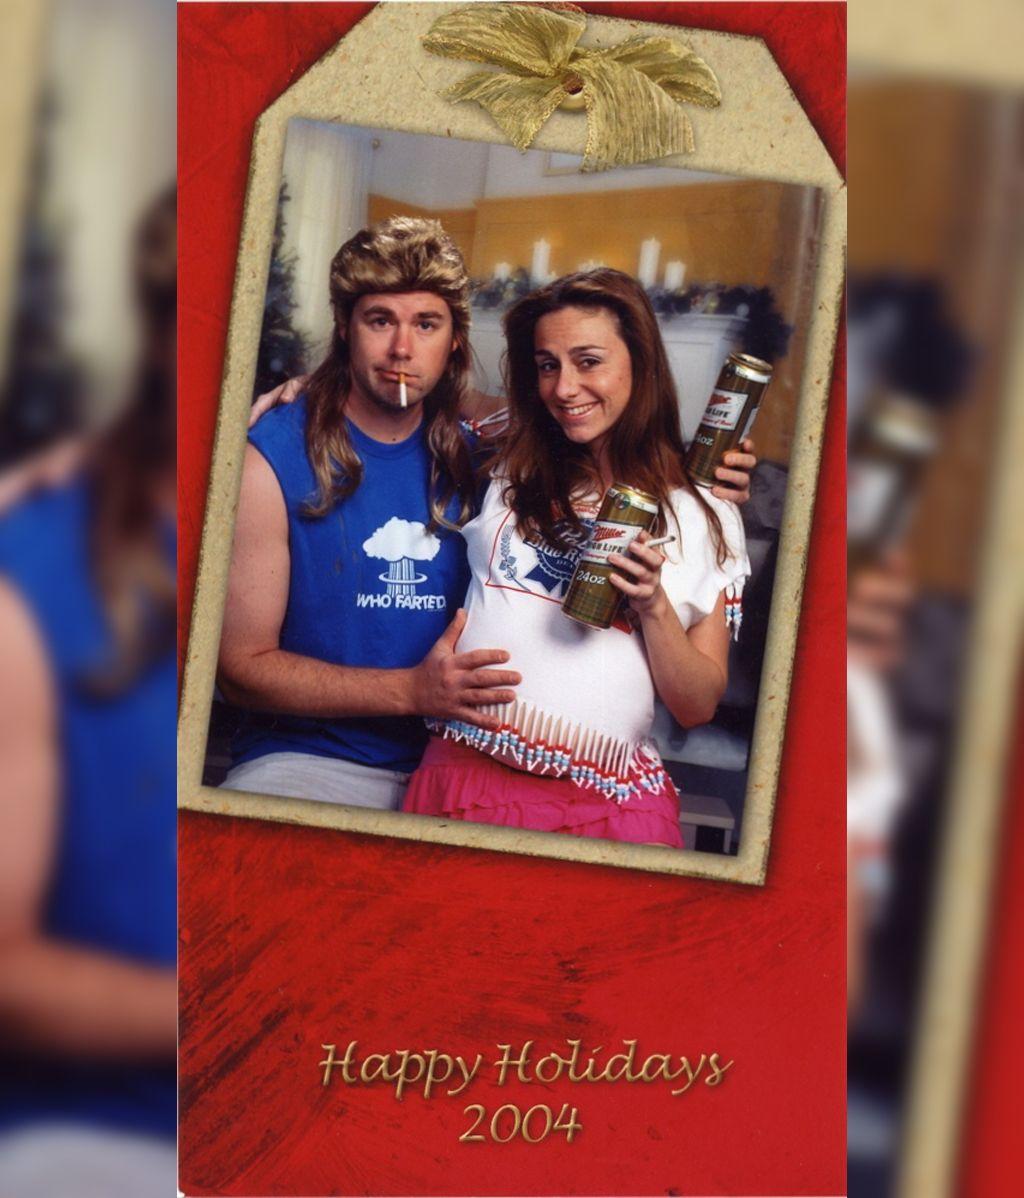 Llevan 14 años mandando Christmas hilarantes